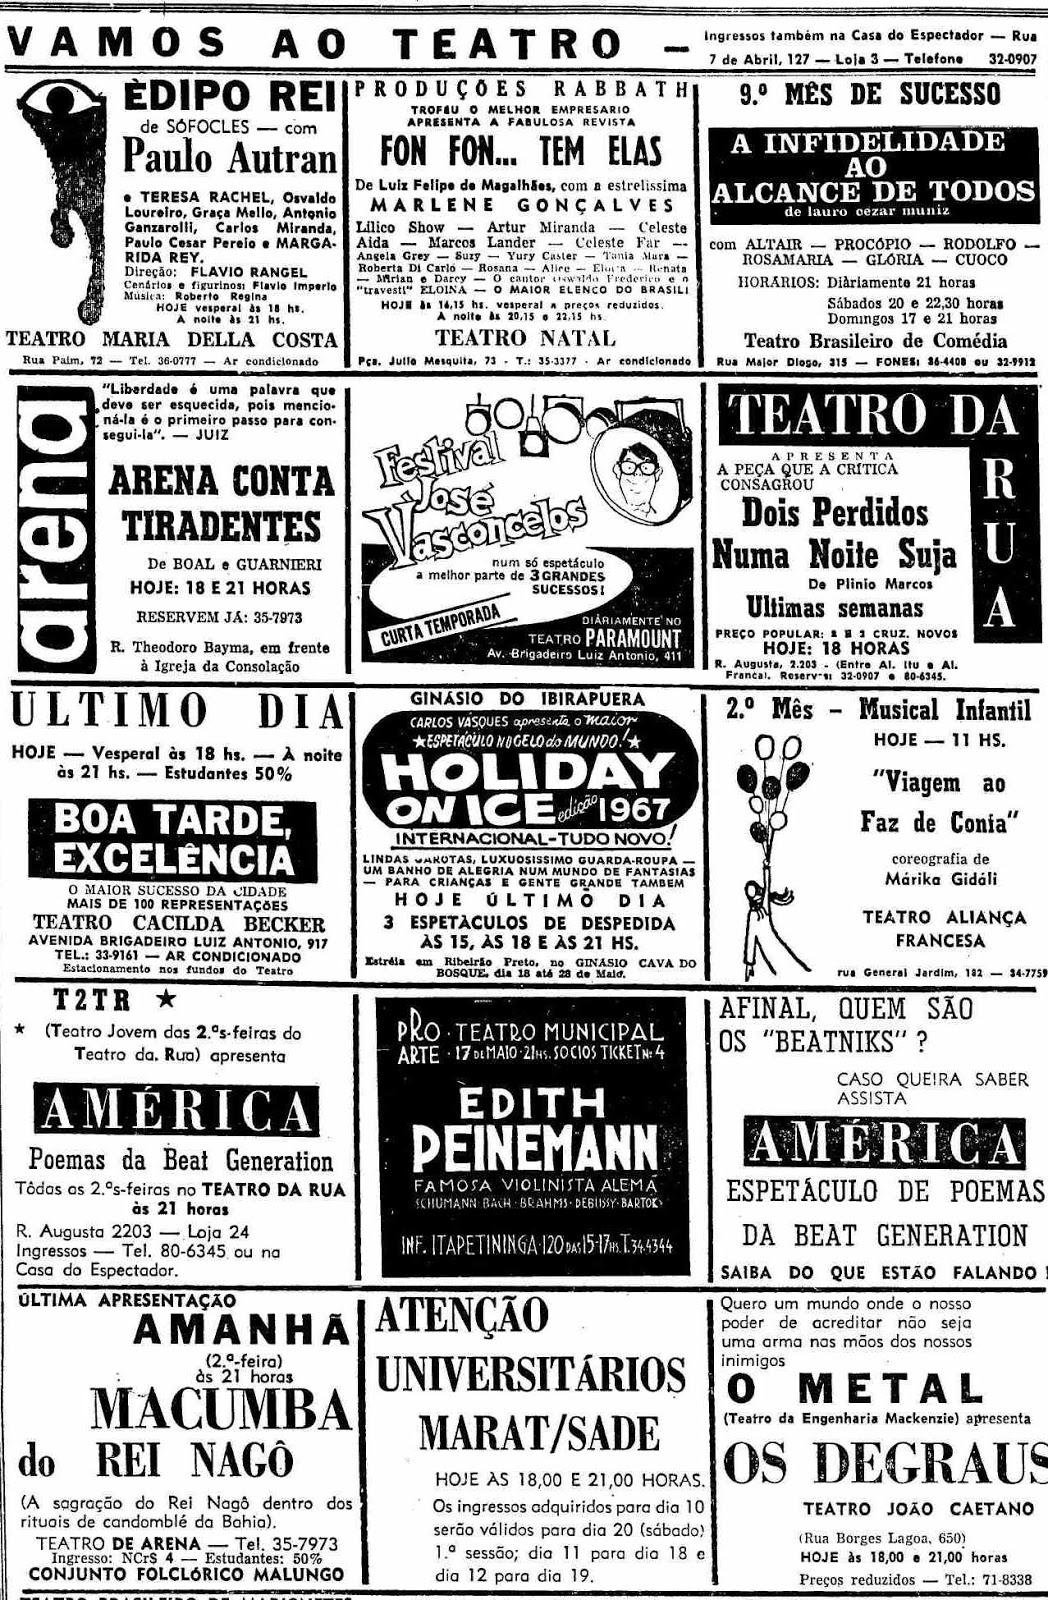 Cantor Todo Tatuado Brasileiro sao paulo night life 1950-1960: 2019